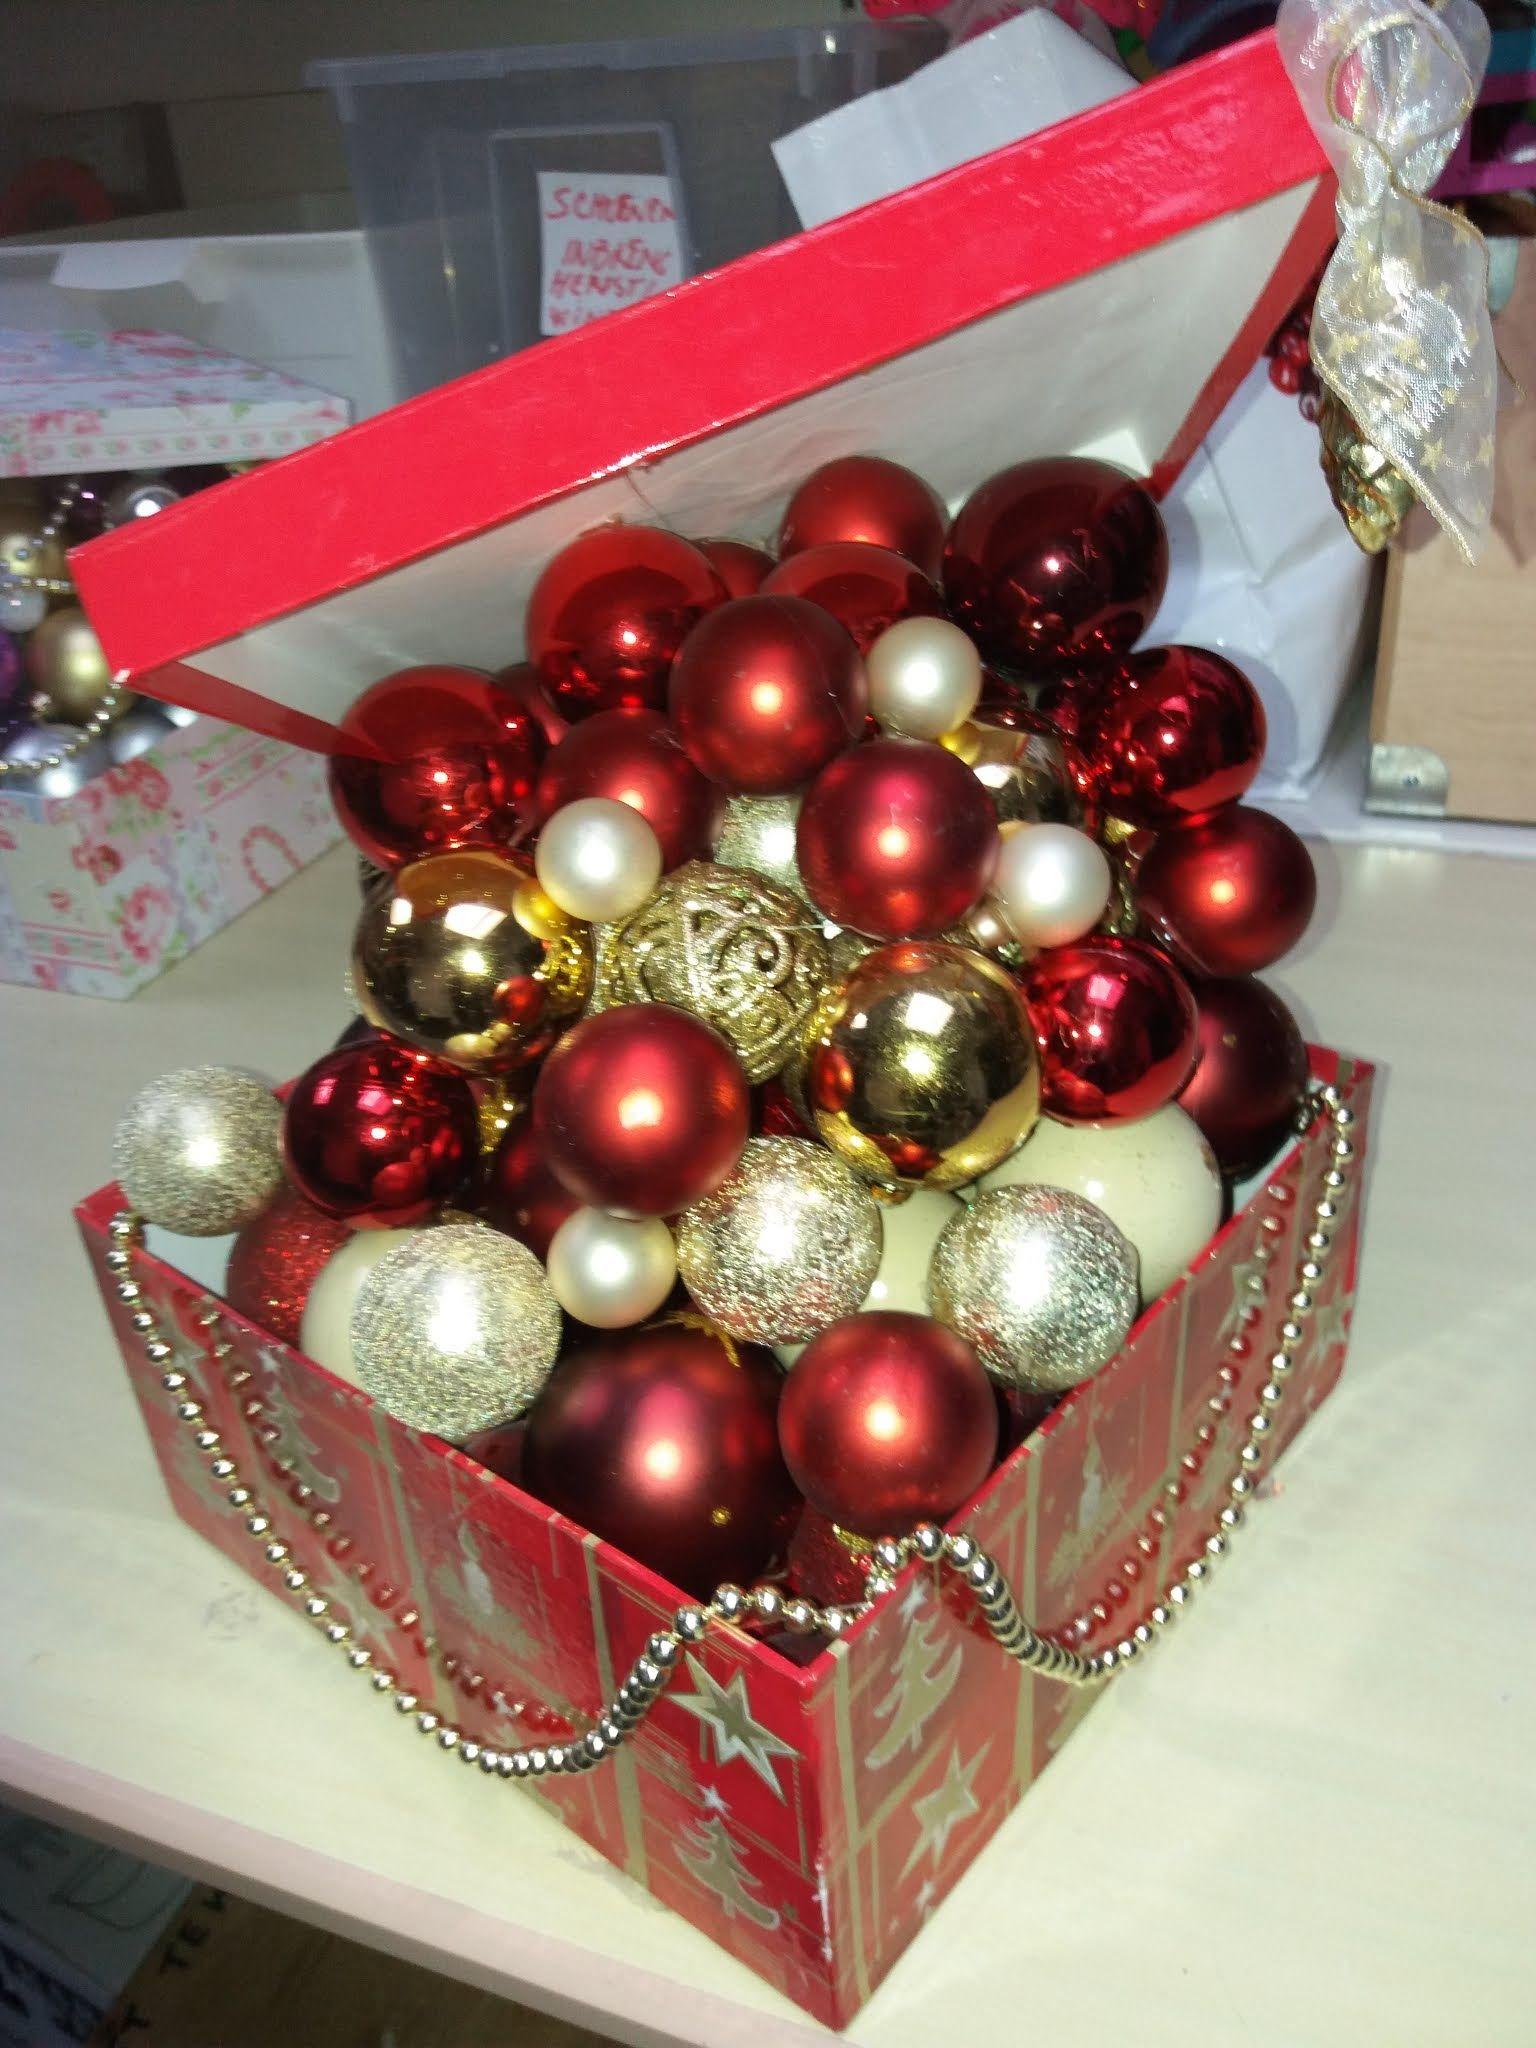 Kerstballen Lijmen Op In Een Doos Kerst Lantaarns Kerstballen Kerst Ornament